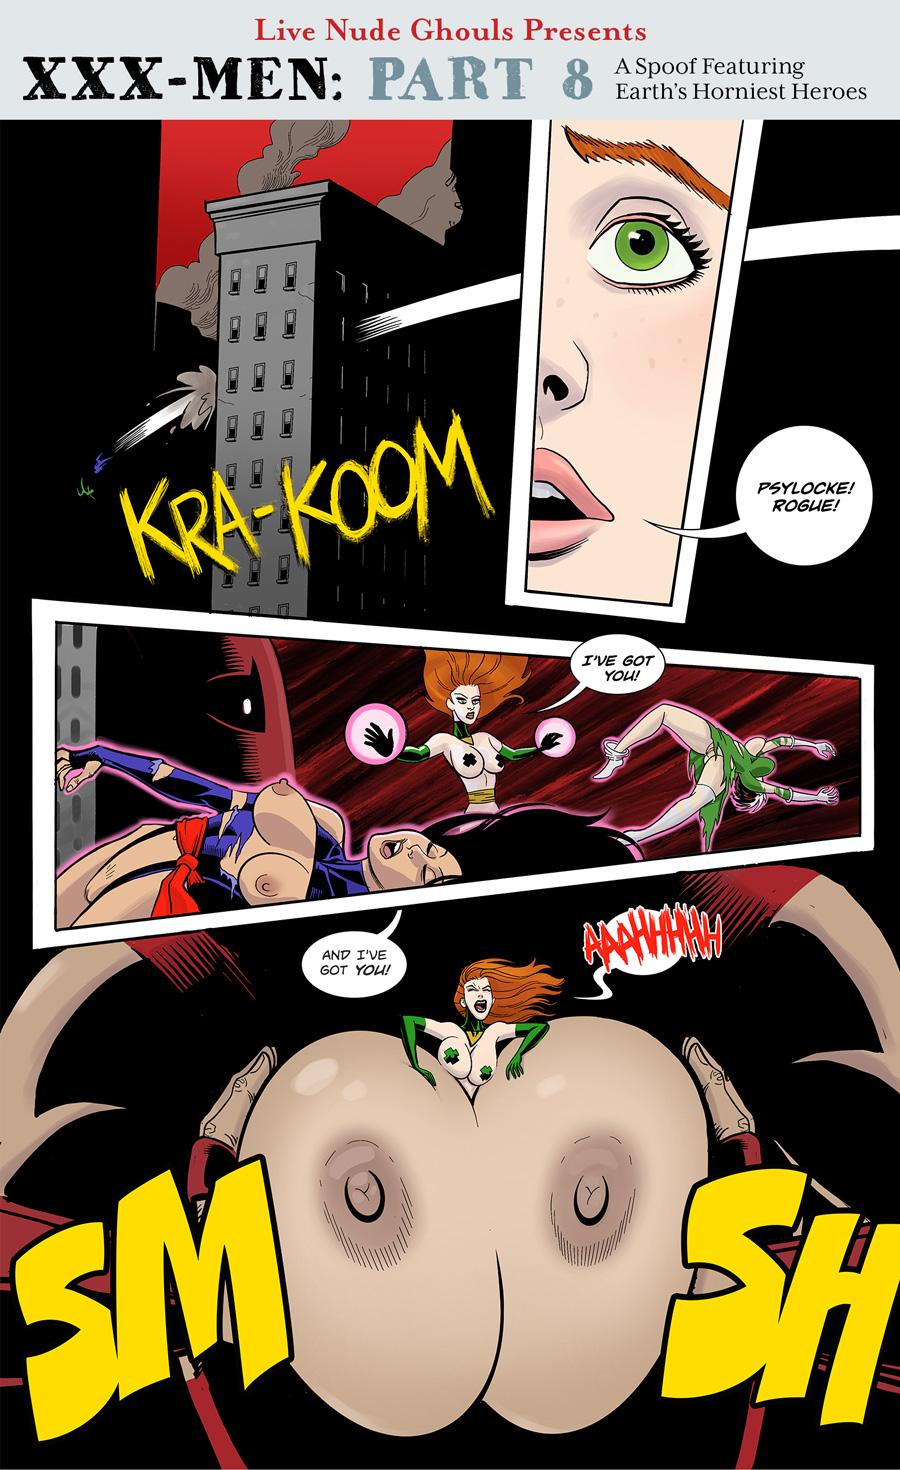 The Juggernaut smooshes Jean Gray between her massive breasts.